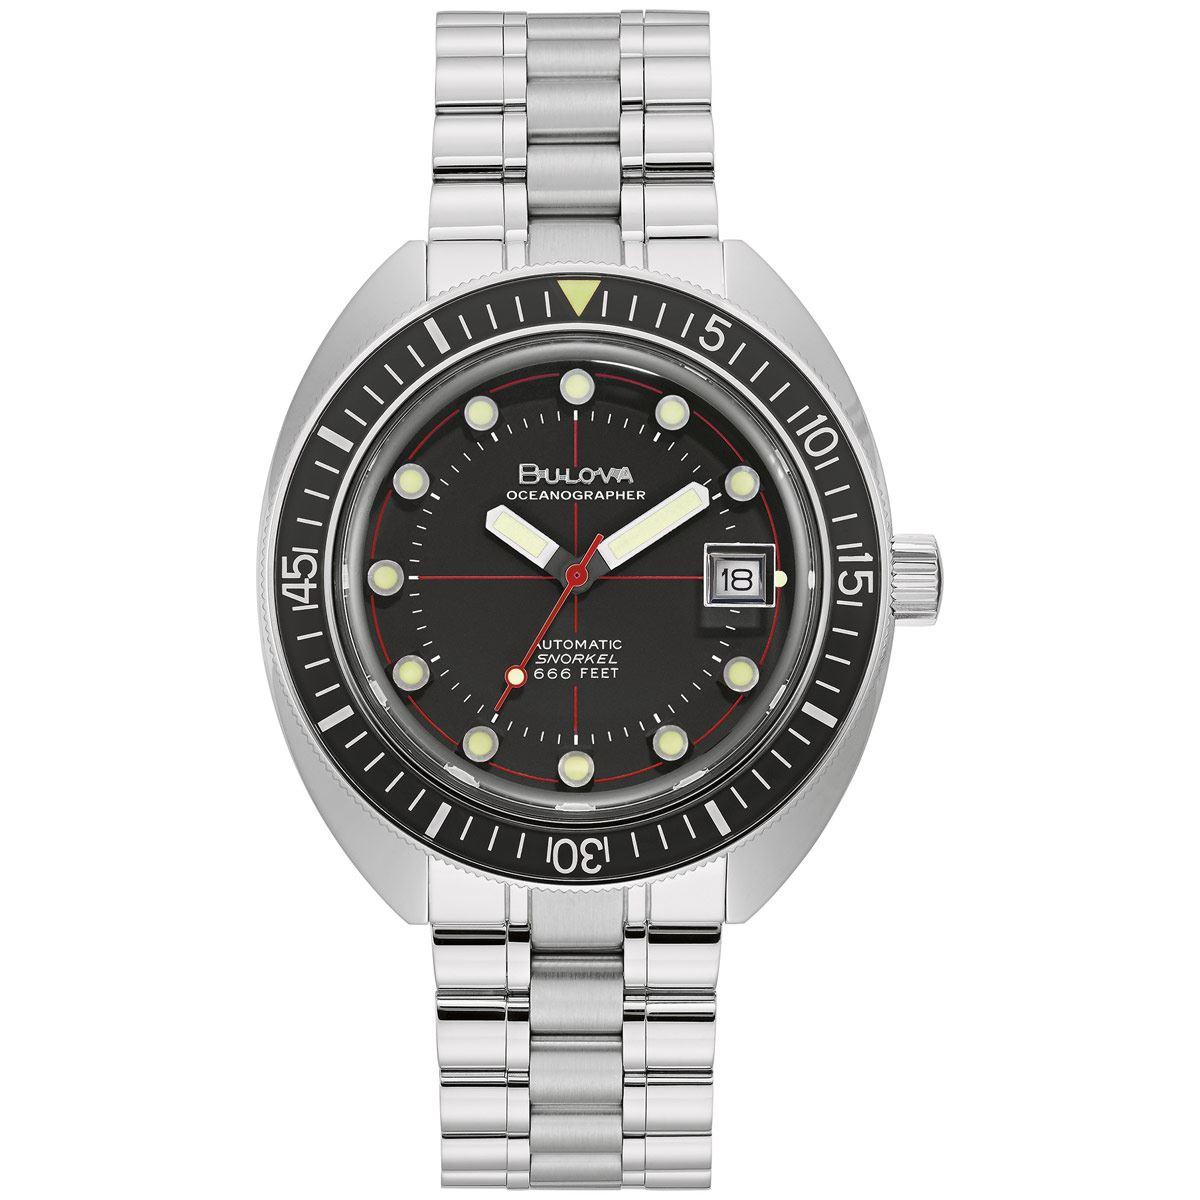 Reloj de pulso Bulova 96B344 Colección Oceanographer Para Caballero